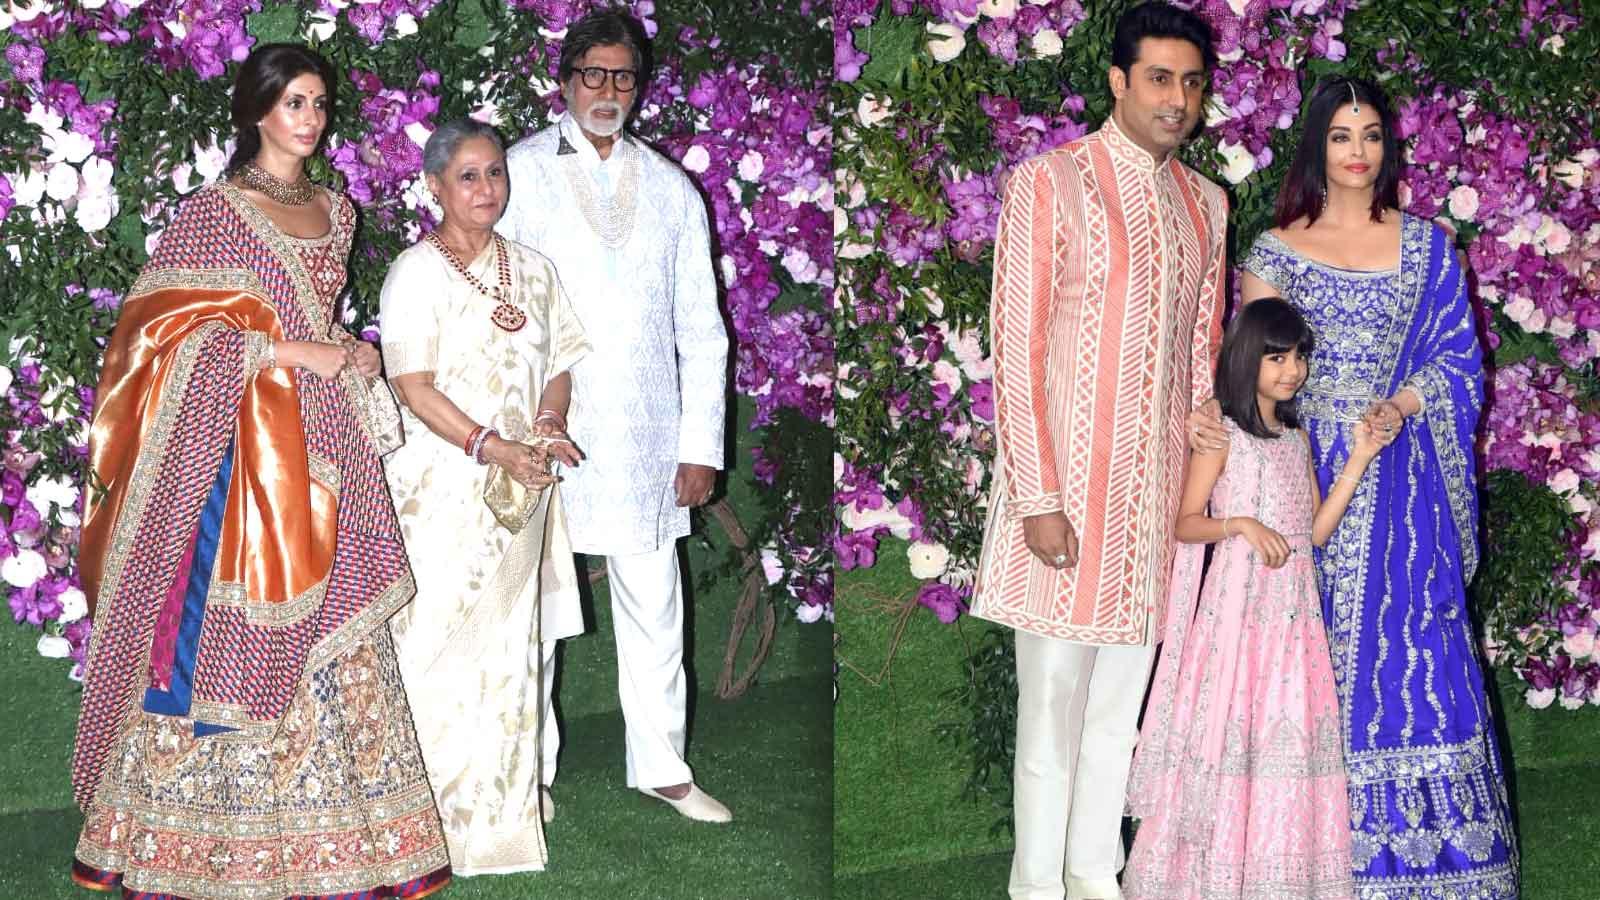 Amitabh Bachchan with family graces Akash Ambani-Shloka Mehta's grand wedding